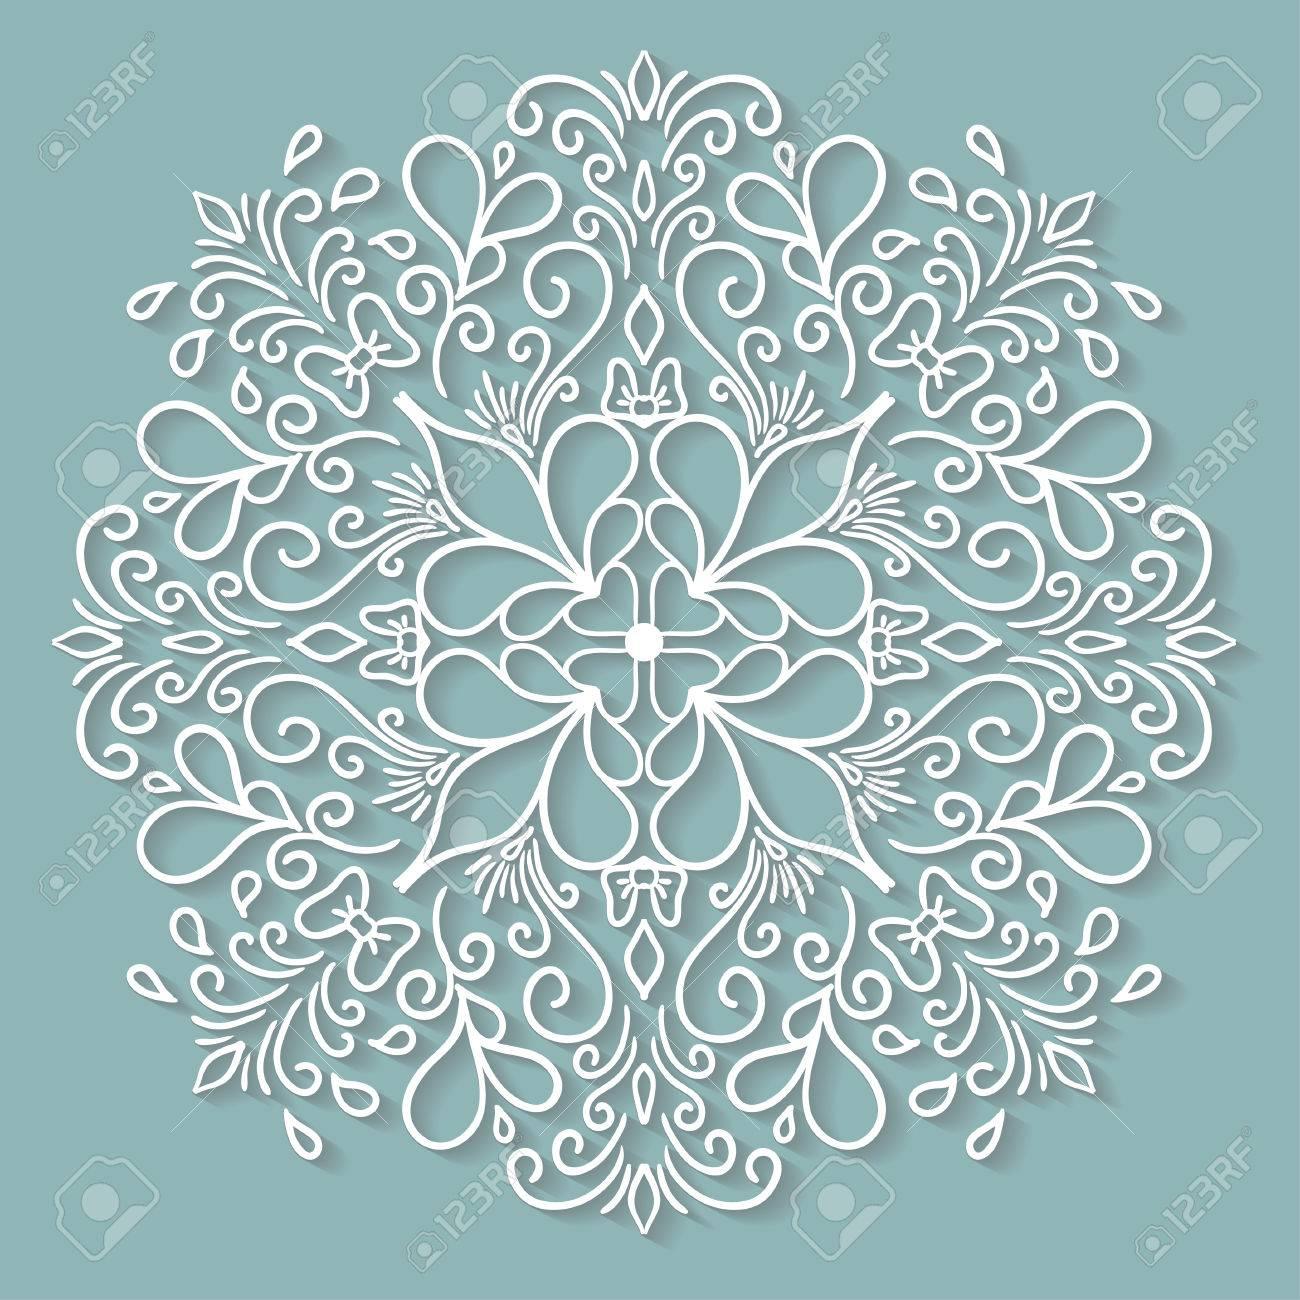 Papier Kanten Kleedje Decoratieve Sneeuwvlok Ronde Haken Ornament